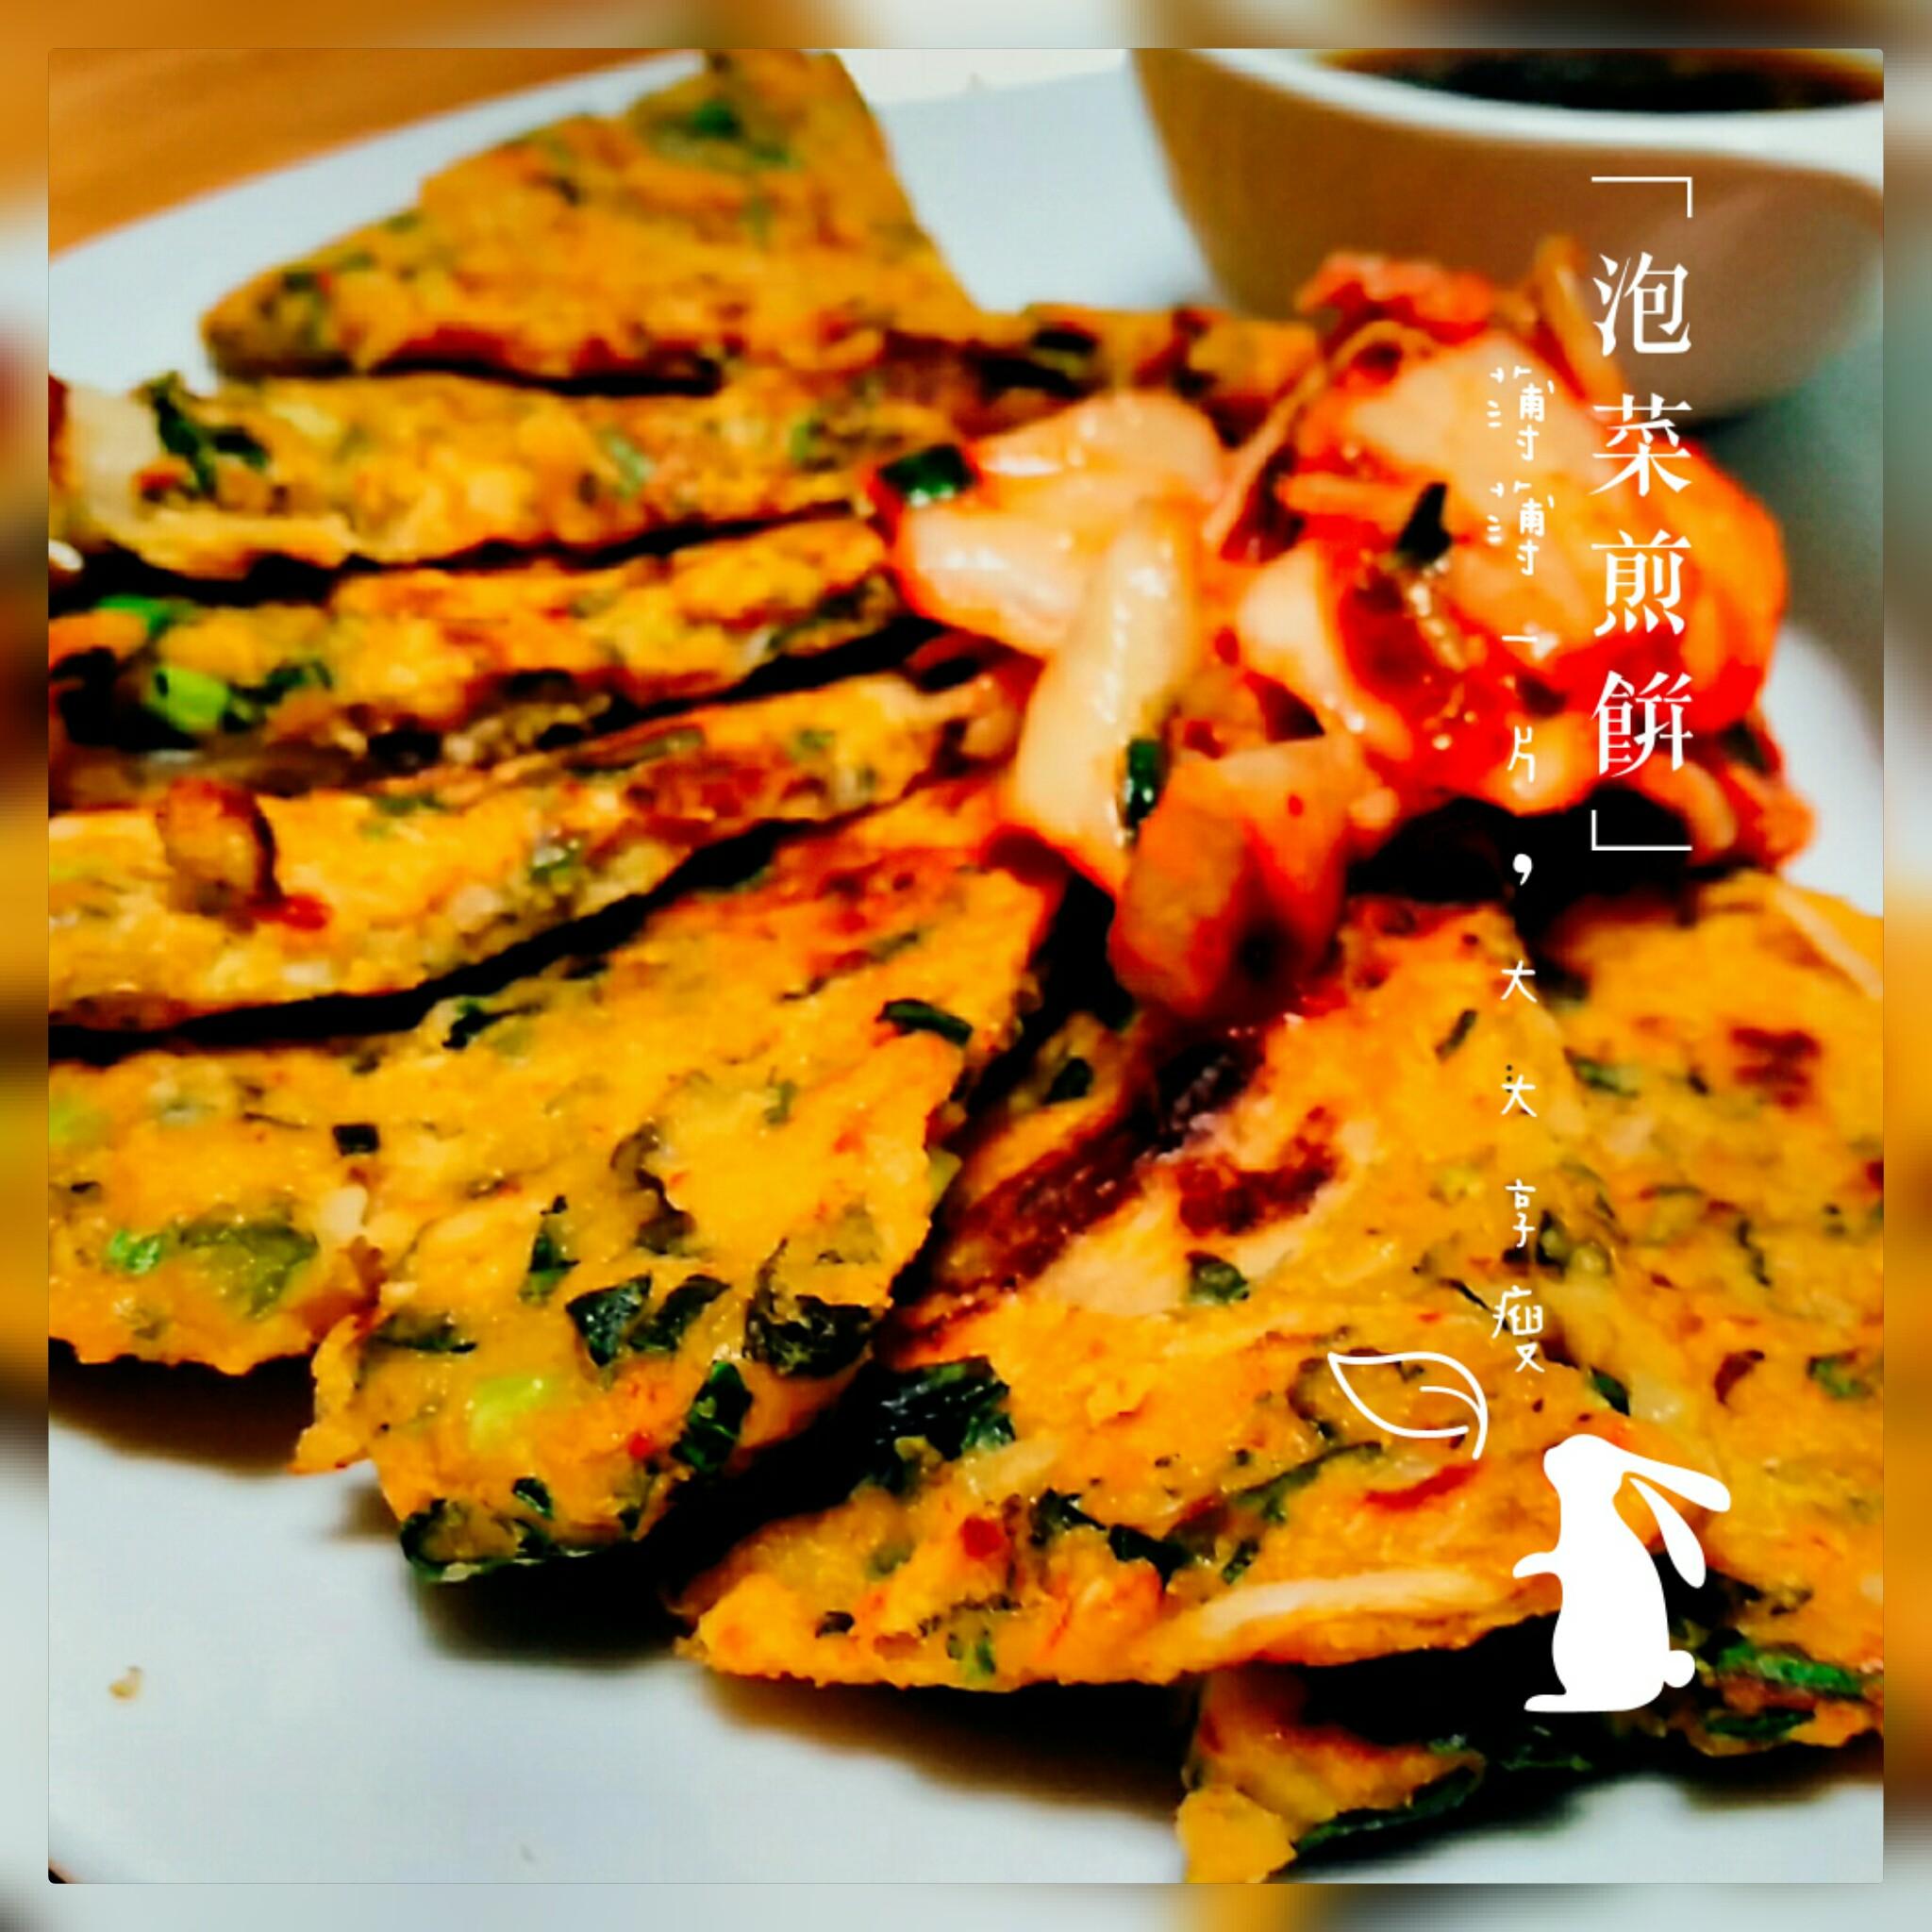 【食譜】泡菜煎餅,豆渣版。高纖飽足又美味~